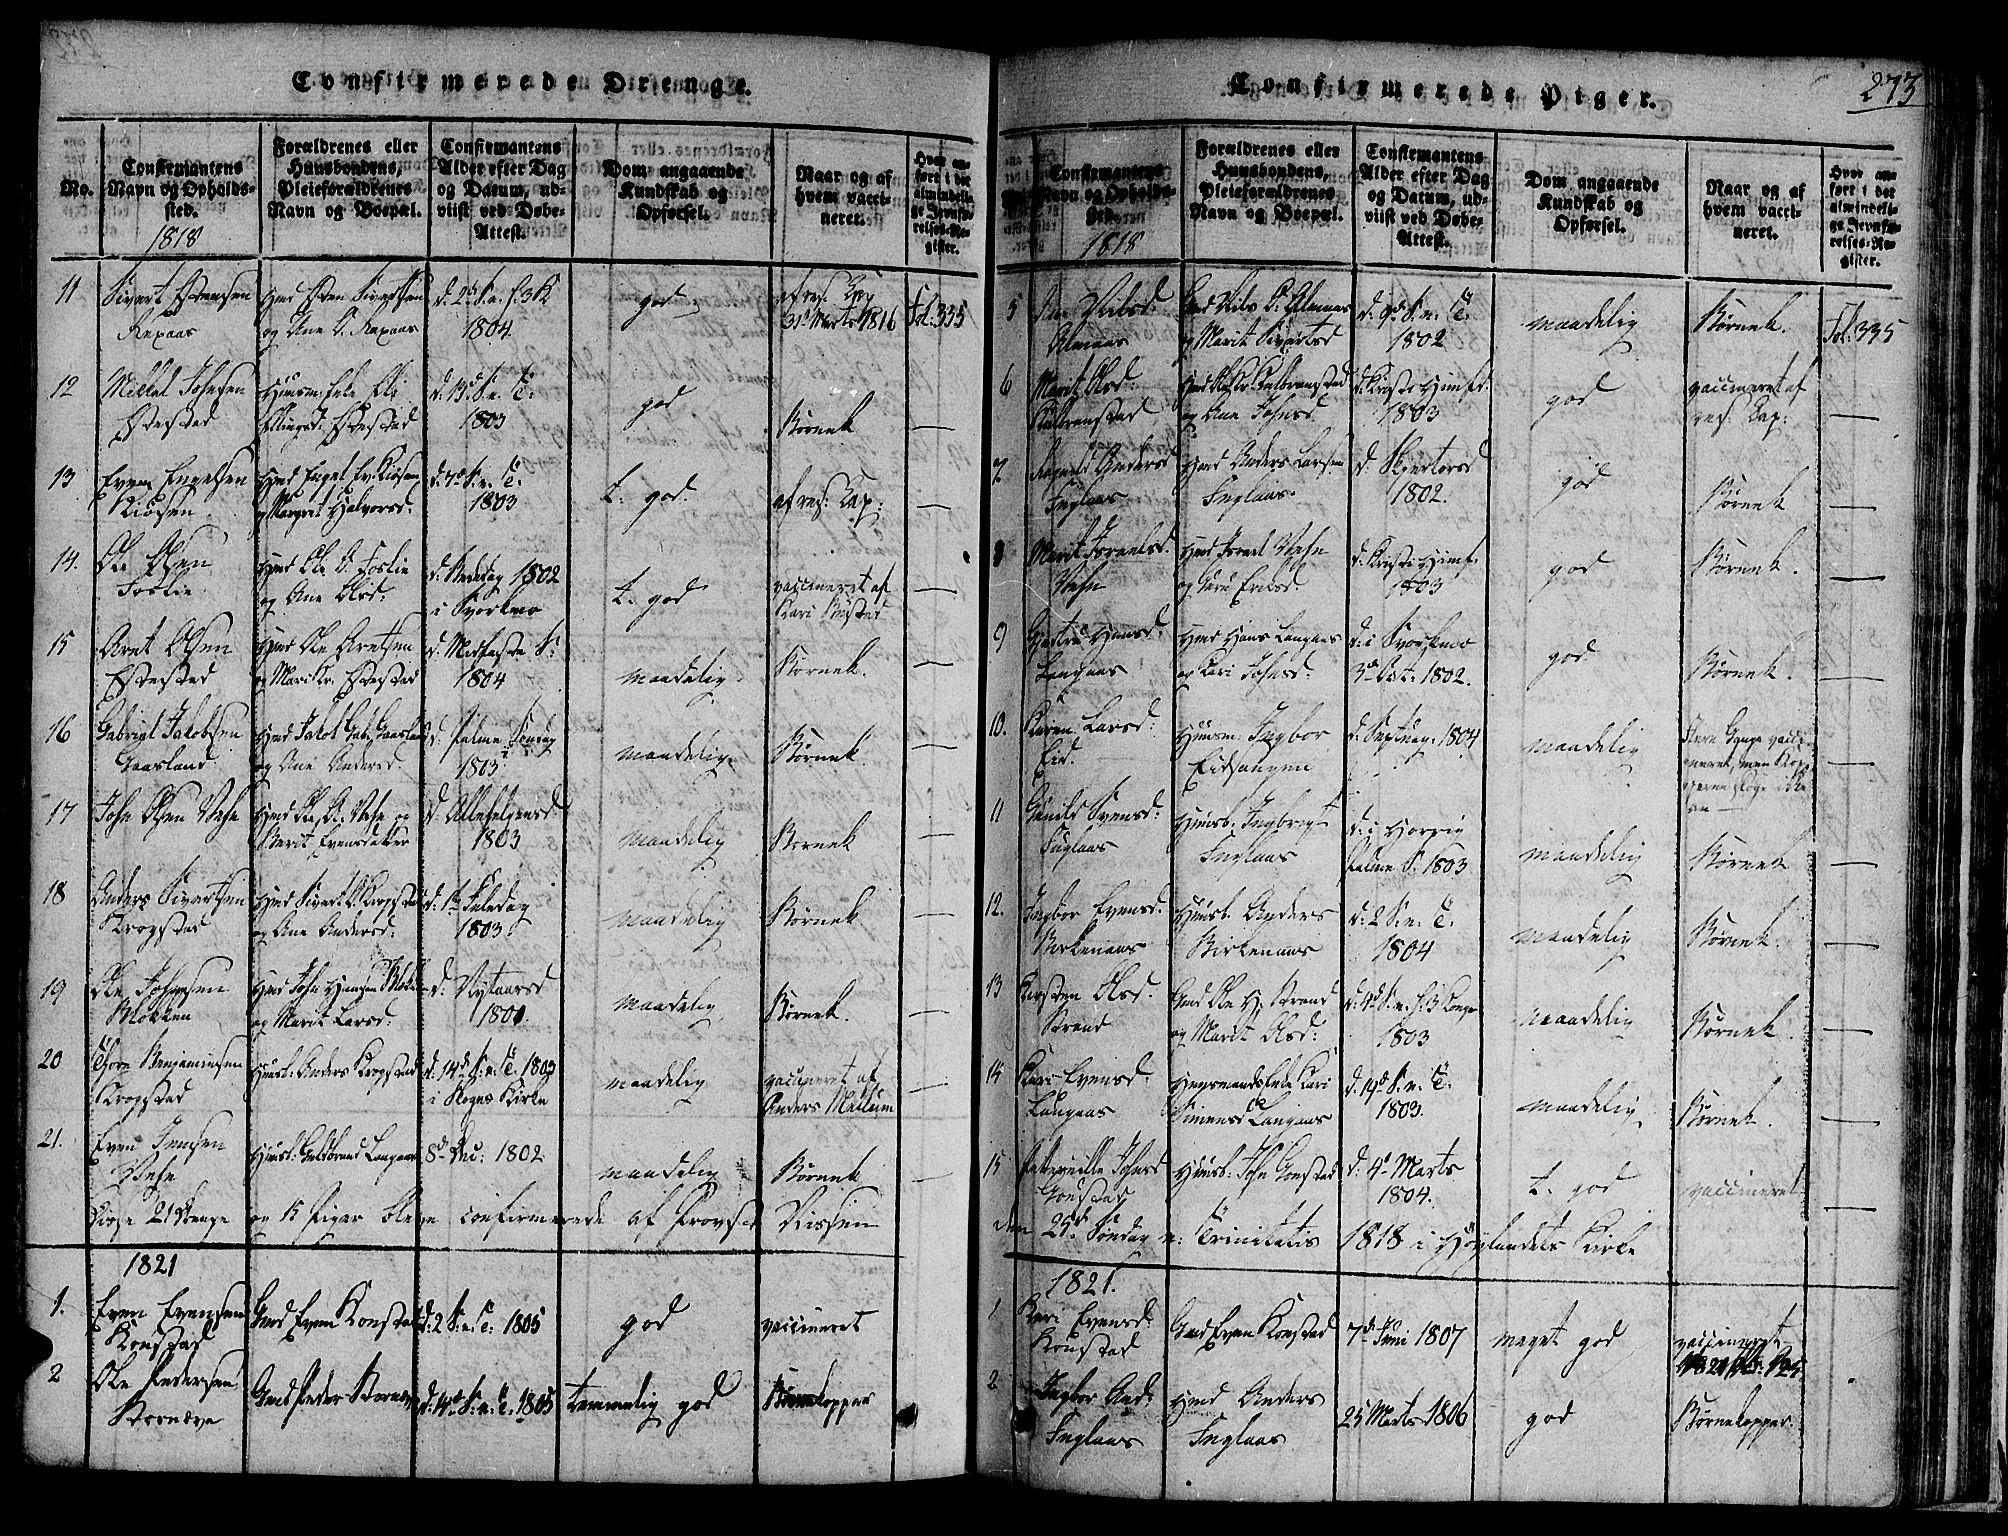 SAT, Ministerialprotokoller, klokkerbøker og fødselsregistre - Sør-Trøndelag, 691/L1068: Ministerialbok nr. 691A03 /4, 1816-1826, s. 273